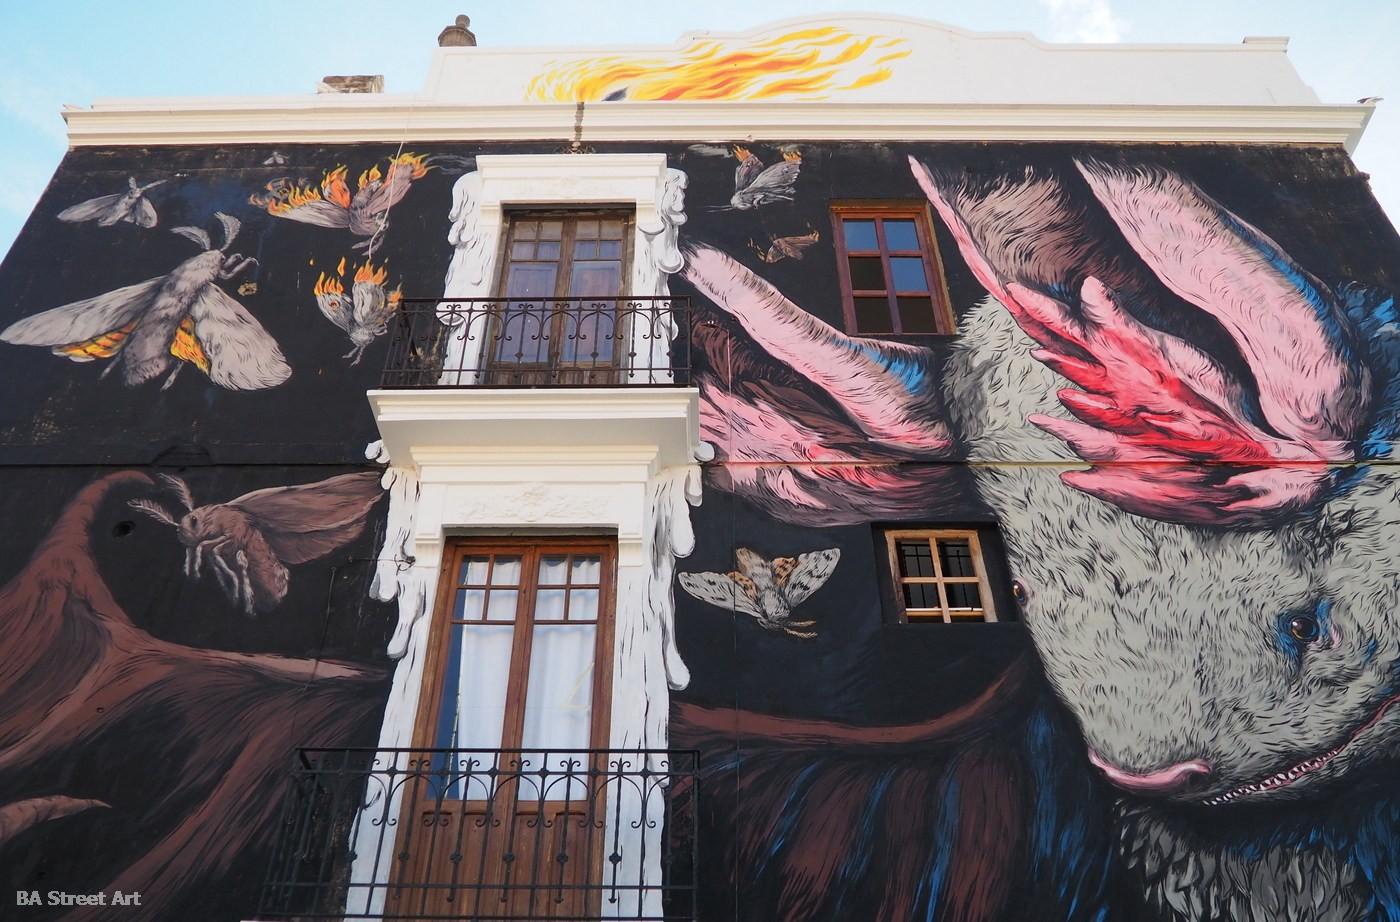 valencia murals erica il cane rl cabanyal ericailcane street art tour graffiti murales barrio Cabañal valencia Poblados Marítimos